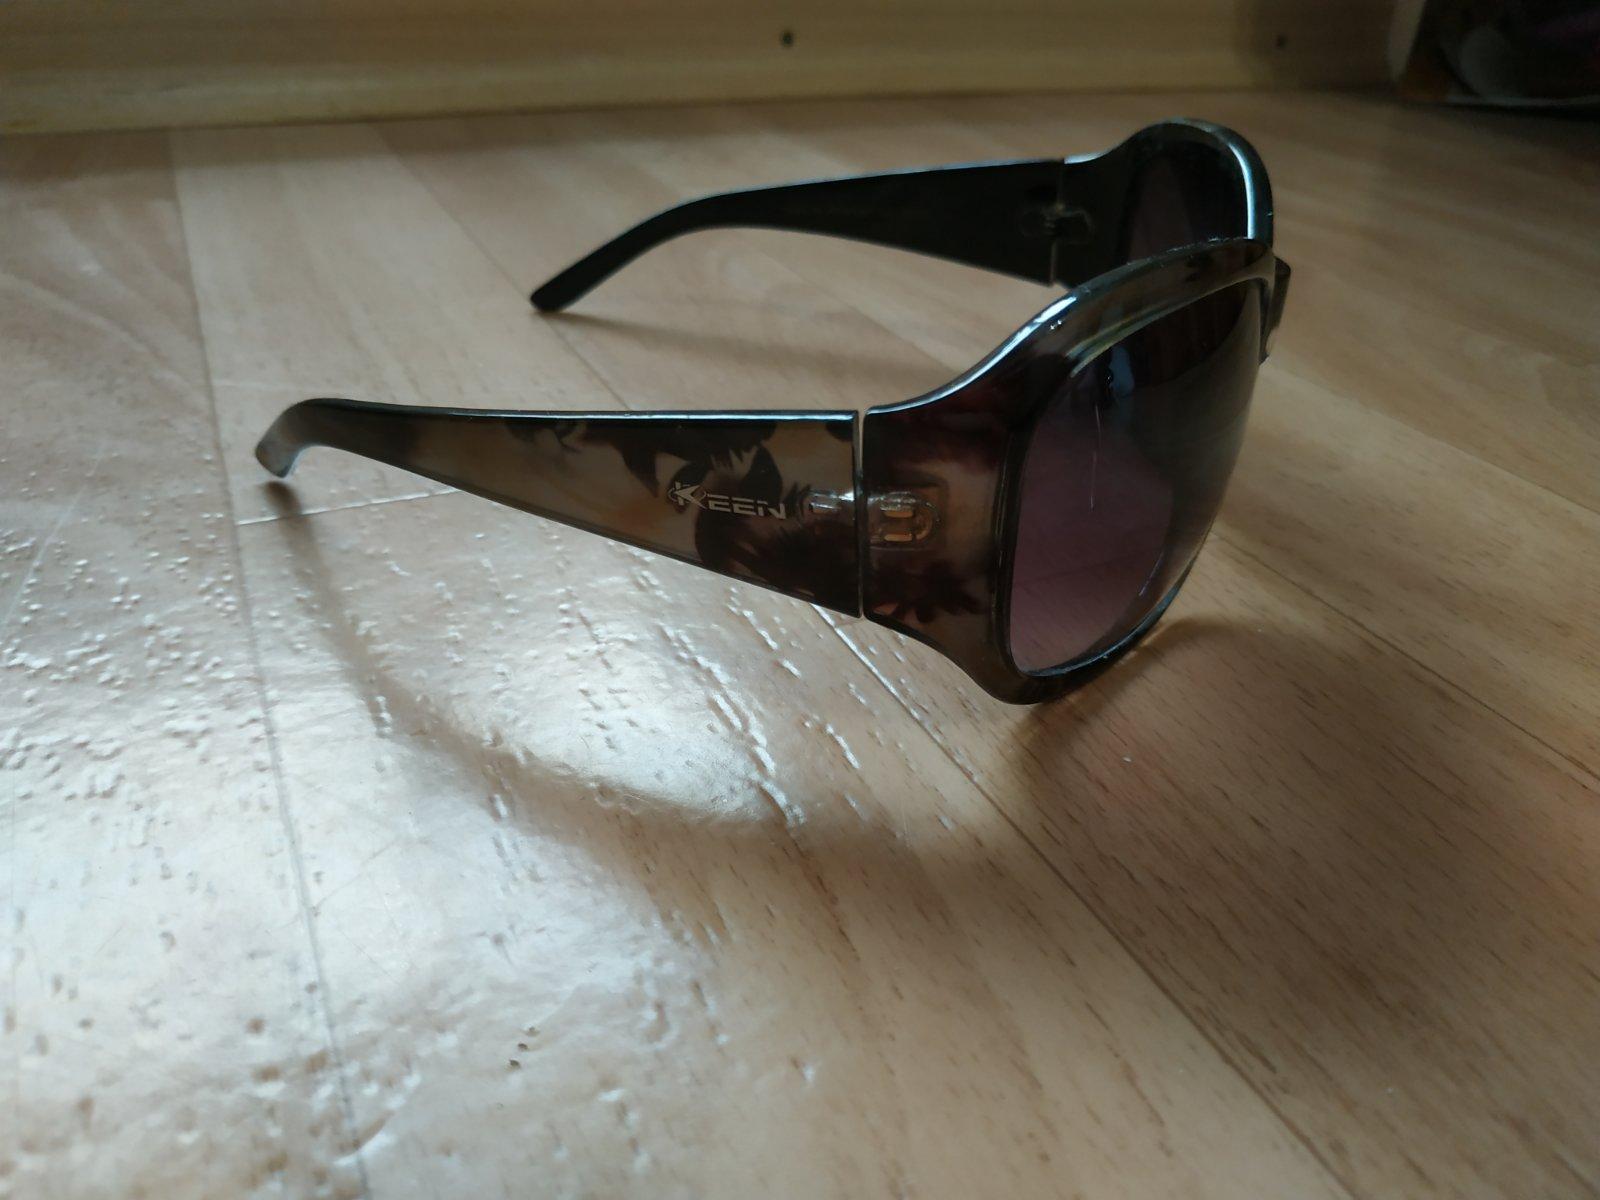 5a6b31f4a Slnečné okuliare - keen, - 3 € od predávajúcej natalia016 | Detský ...